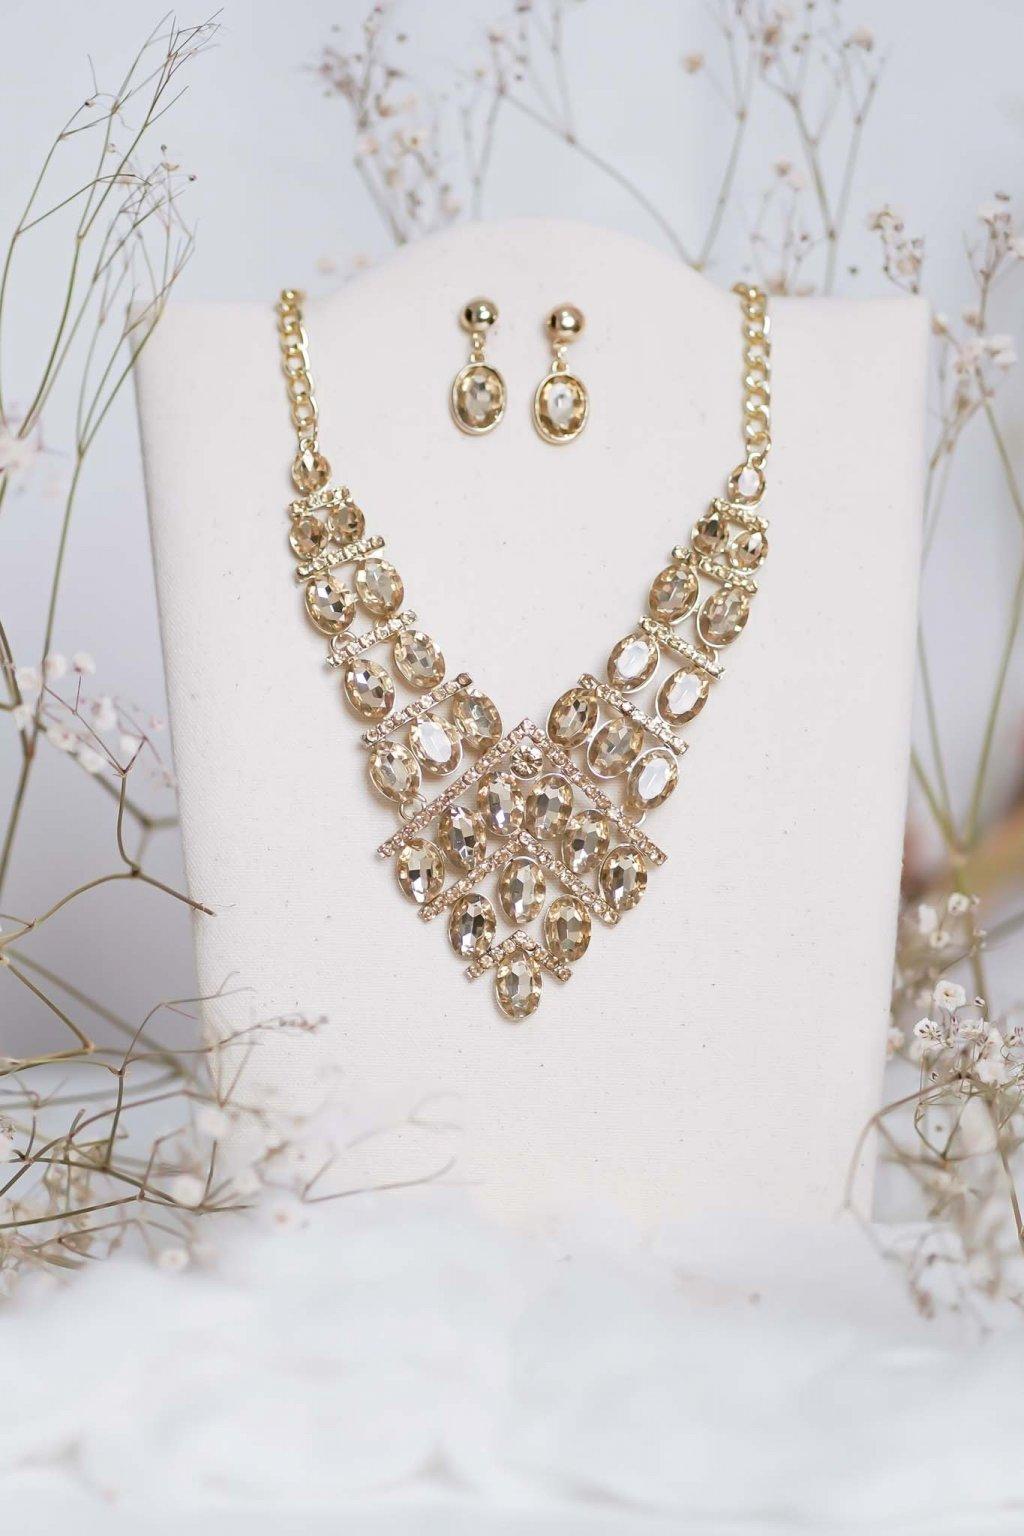 náhrdelník, spoločenský, bežný deň, kamienkový, farebný, čierny, strieborný, zelený, cyklamenévy, náhrdelník, bižuteria, šperk, šperky, ples, stužková, svadba, 059